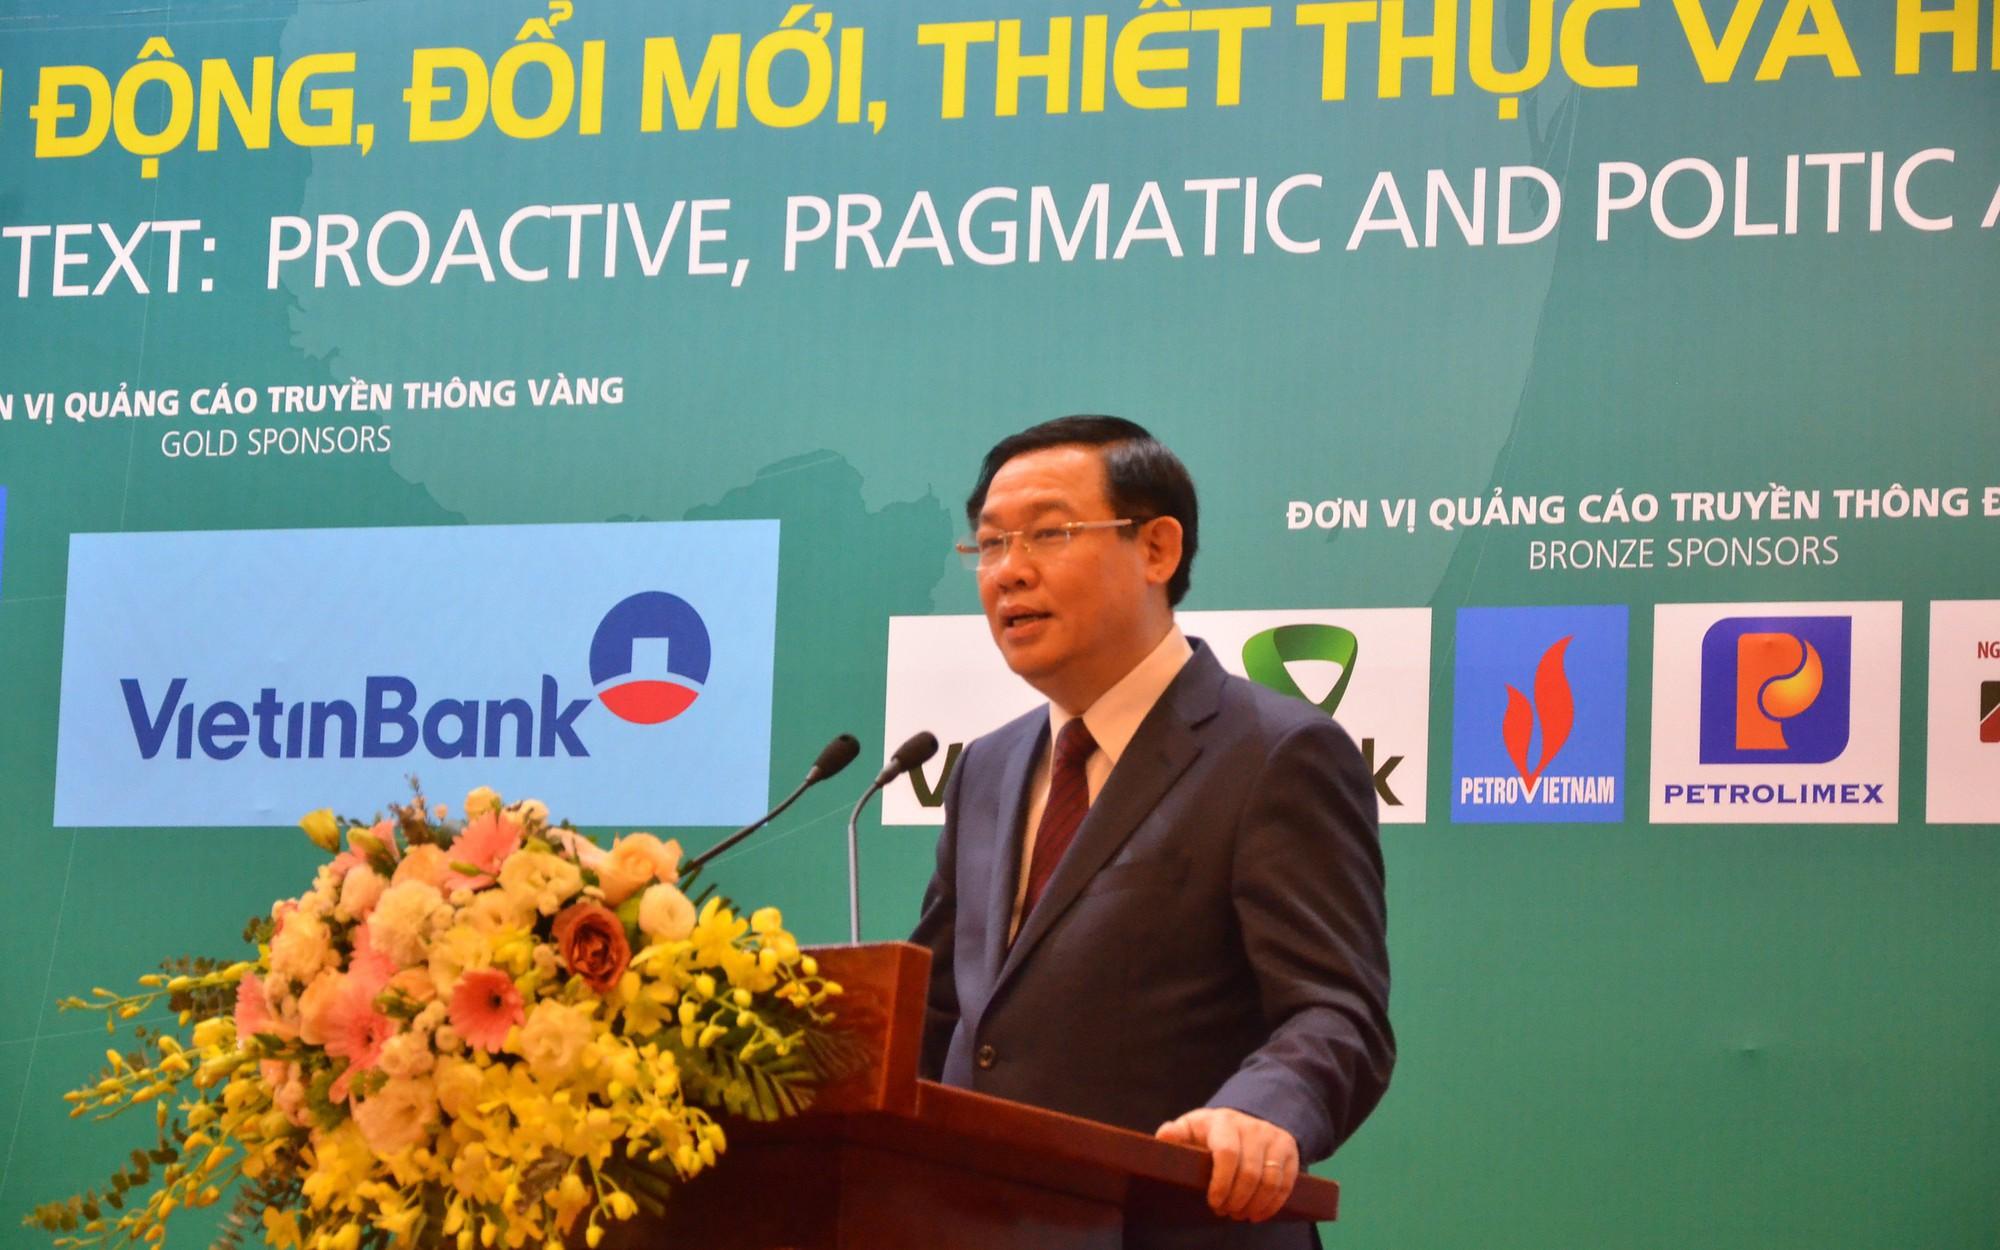 Kinh tế của Việt Nam đừng quá mải mê với cơ hội ngắn hạn nếu muốn ra biển lớn - Ảnh 1.